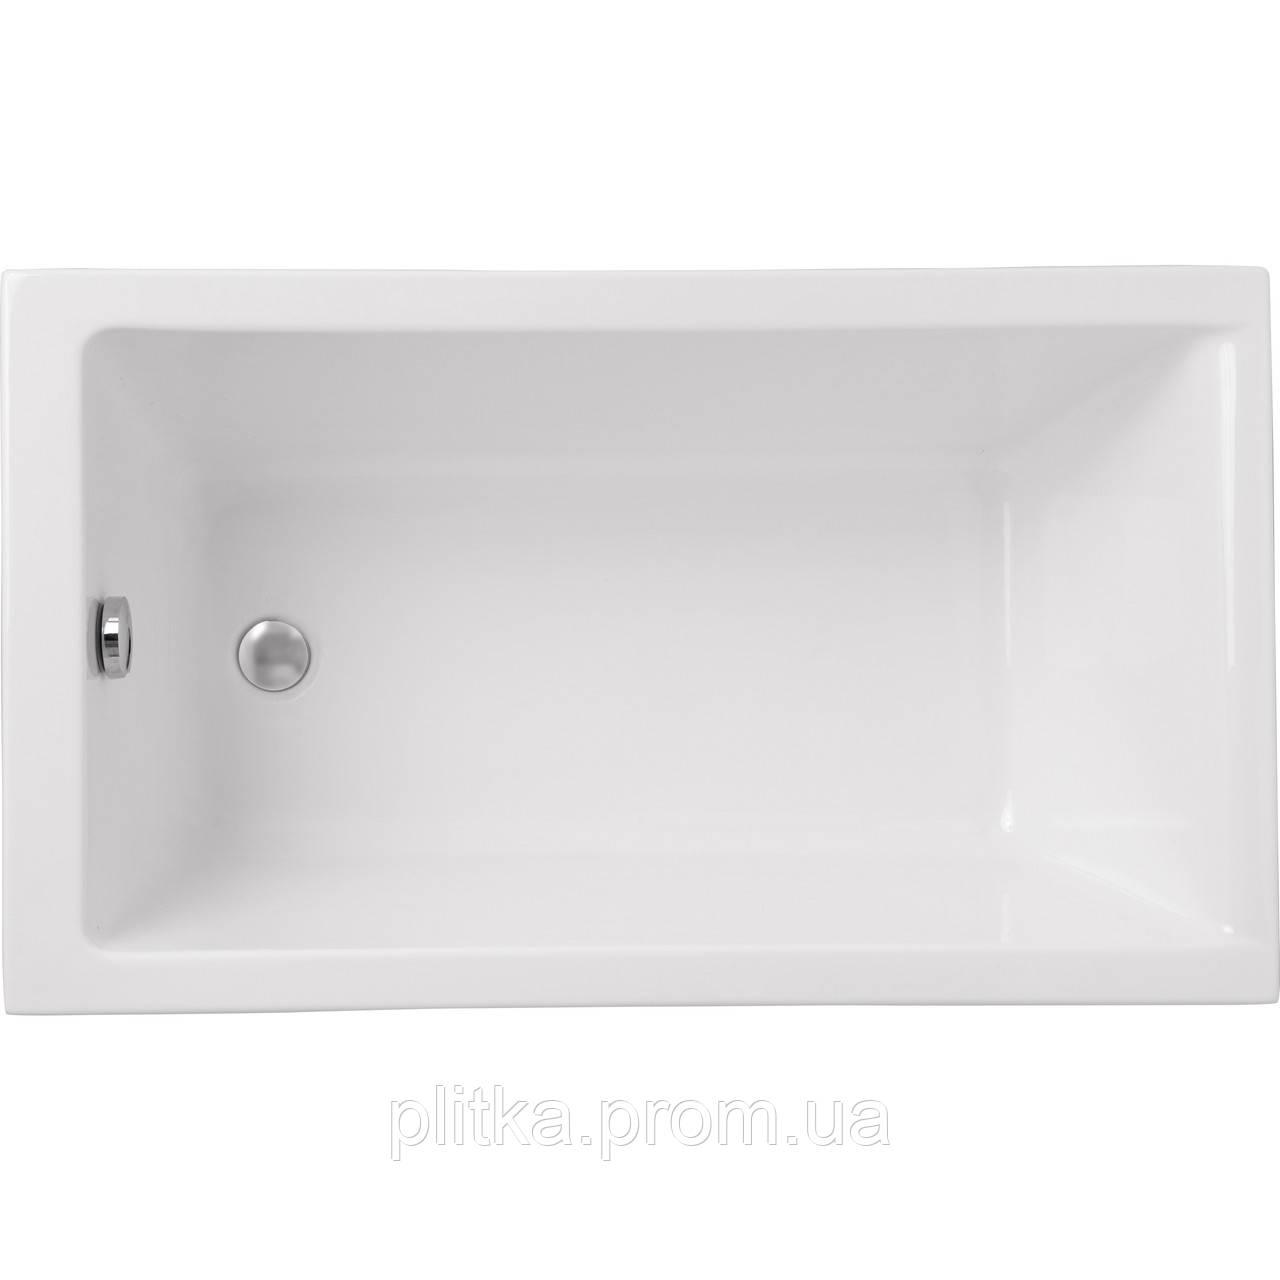 Ванна прямоугольная CAPRI 120x70